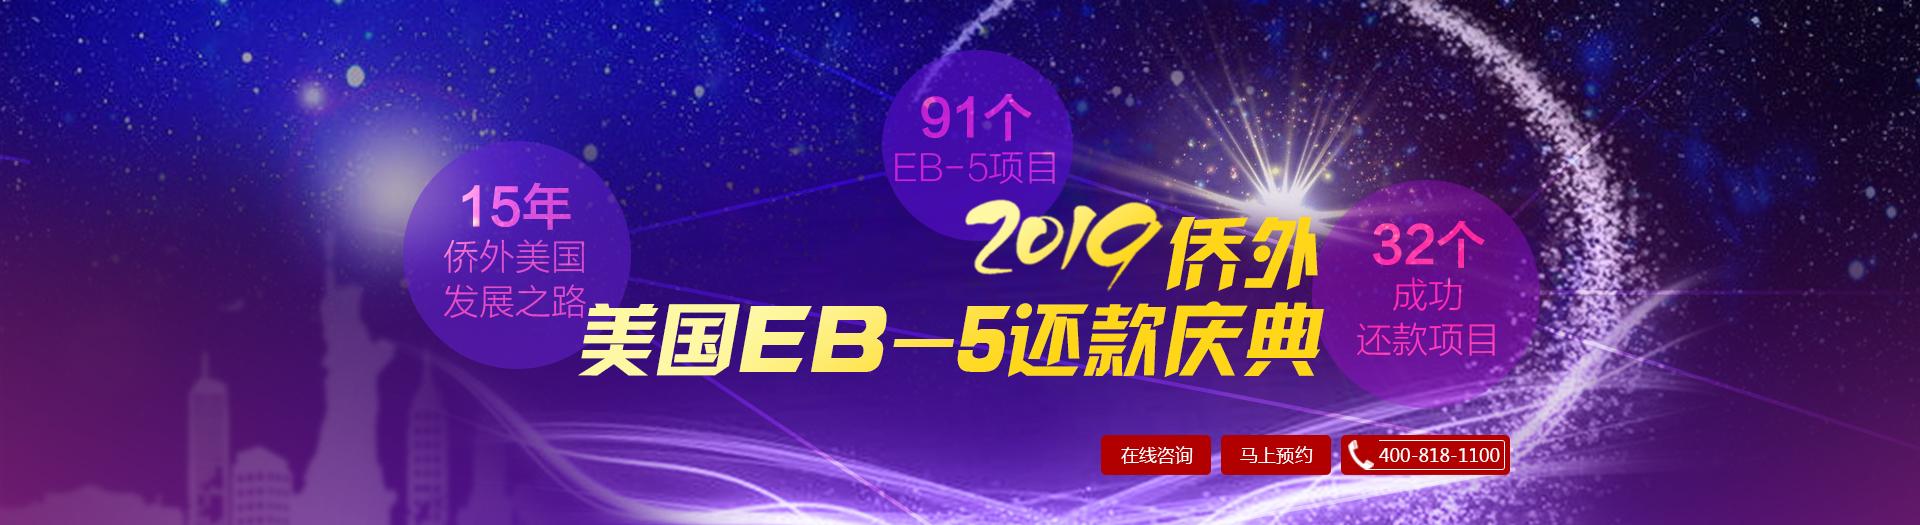 2019侨外美国EB-5还款庆典